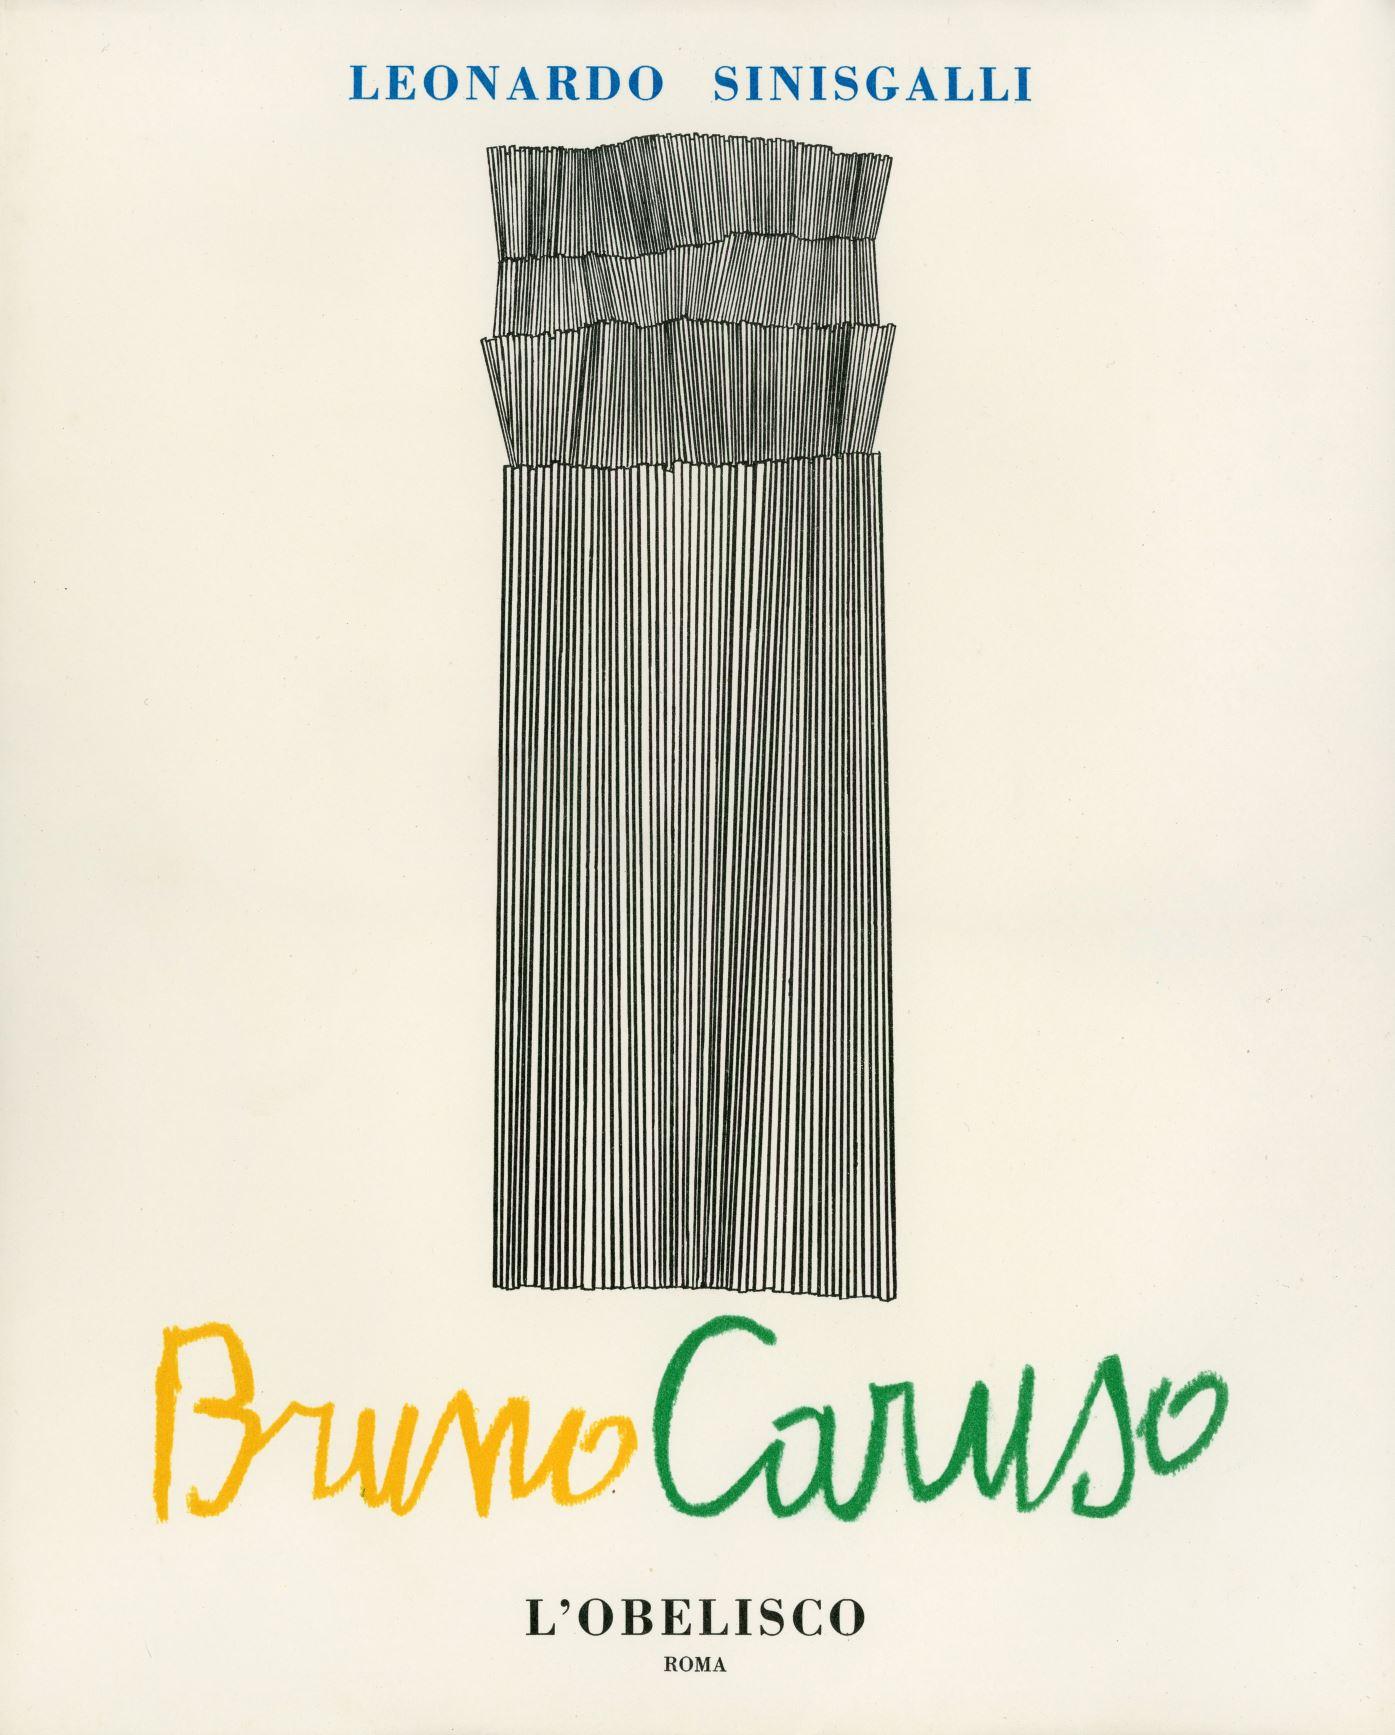 Leonardo Sinisgalli,  Bruno Caruso , 1954